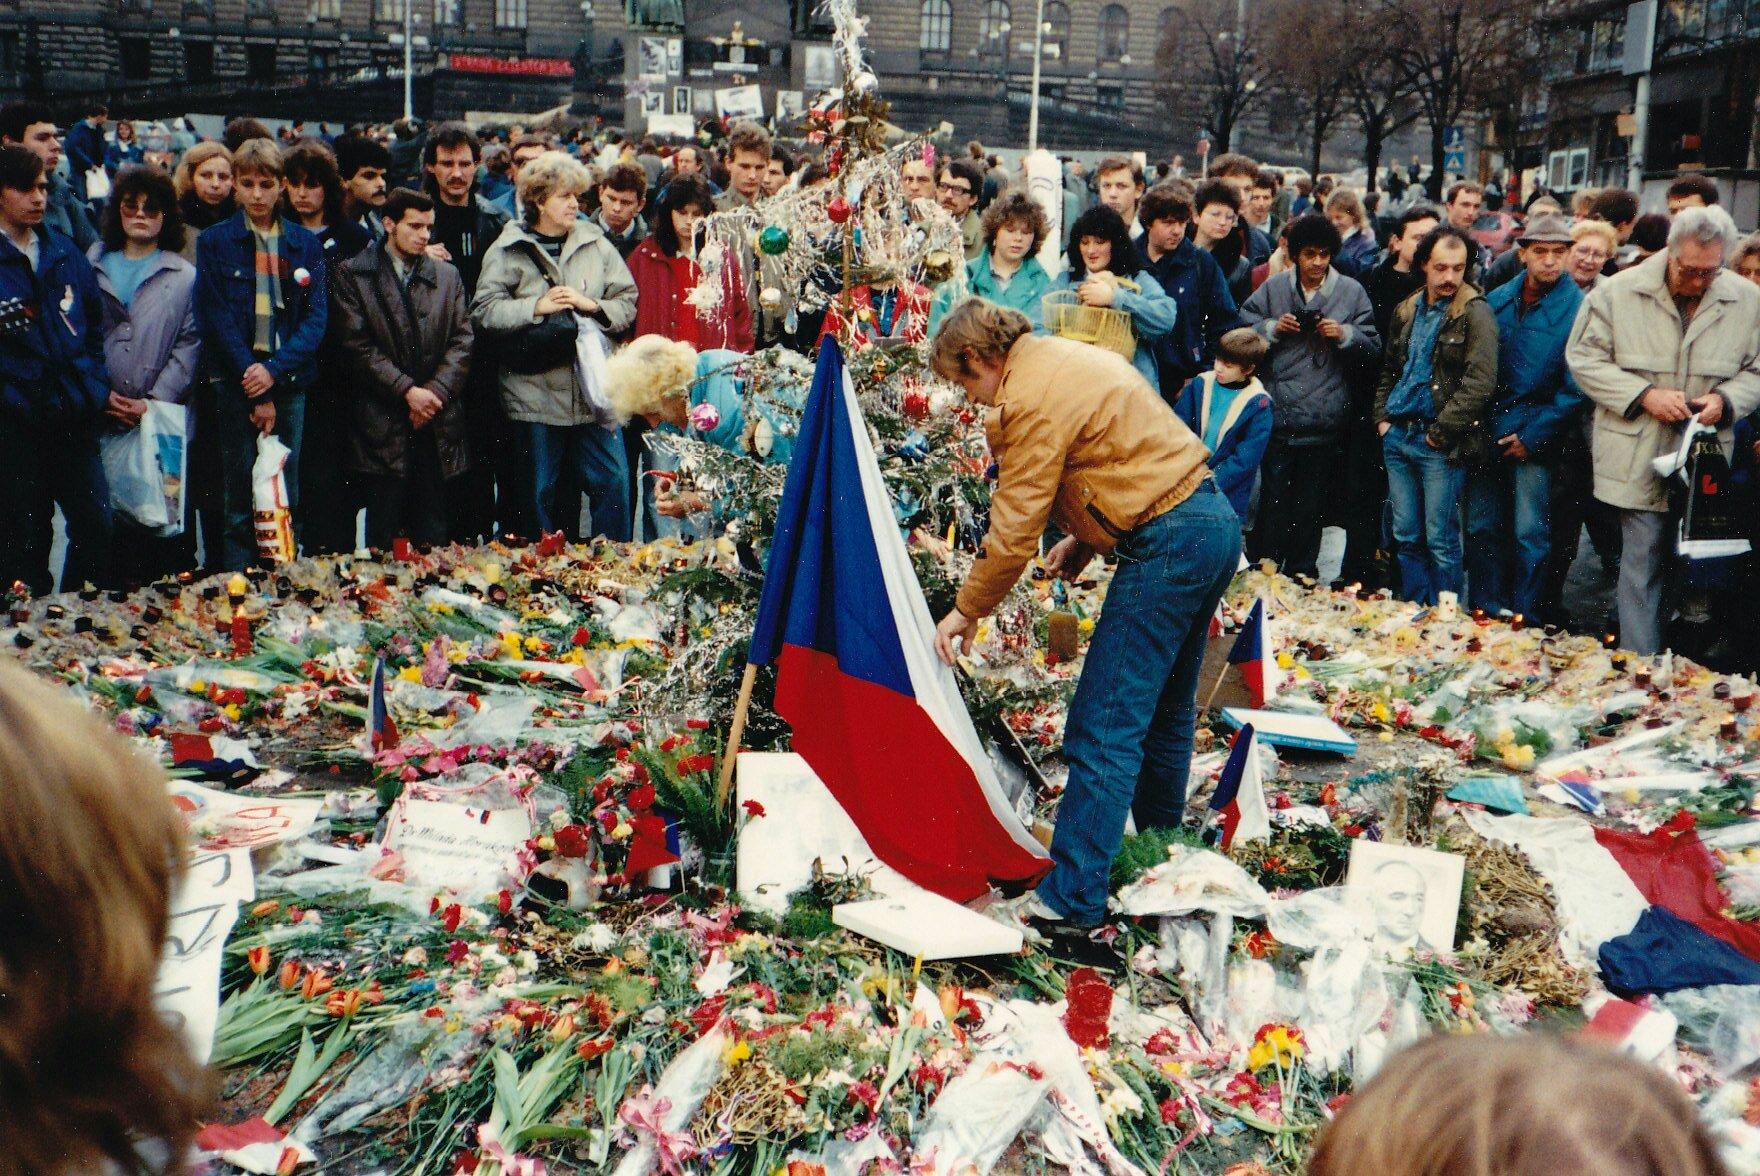 Demonstracja wPradze w1989 roku (w środku przy fladze Václav Havel) Źródło: Demonstracja wPradze w1989 roku (w środku przy fladze Václav Havel), Fotografia, licencja: CC BY-SA 3.0.